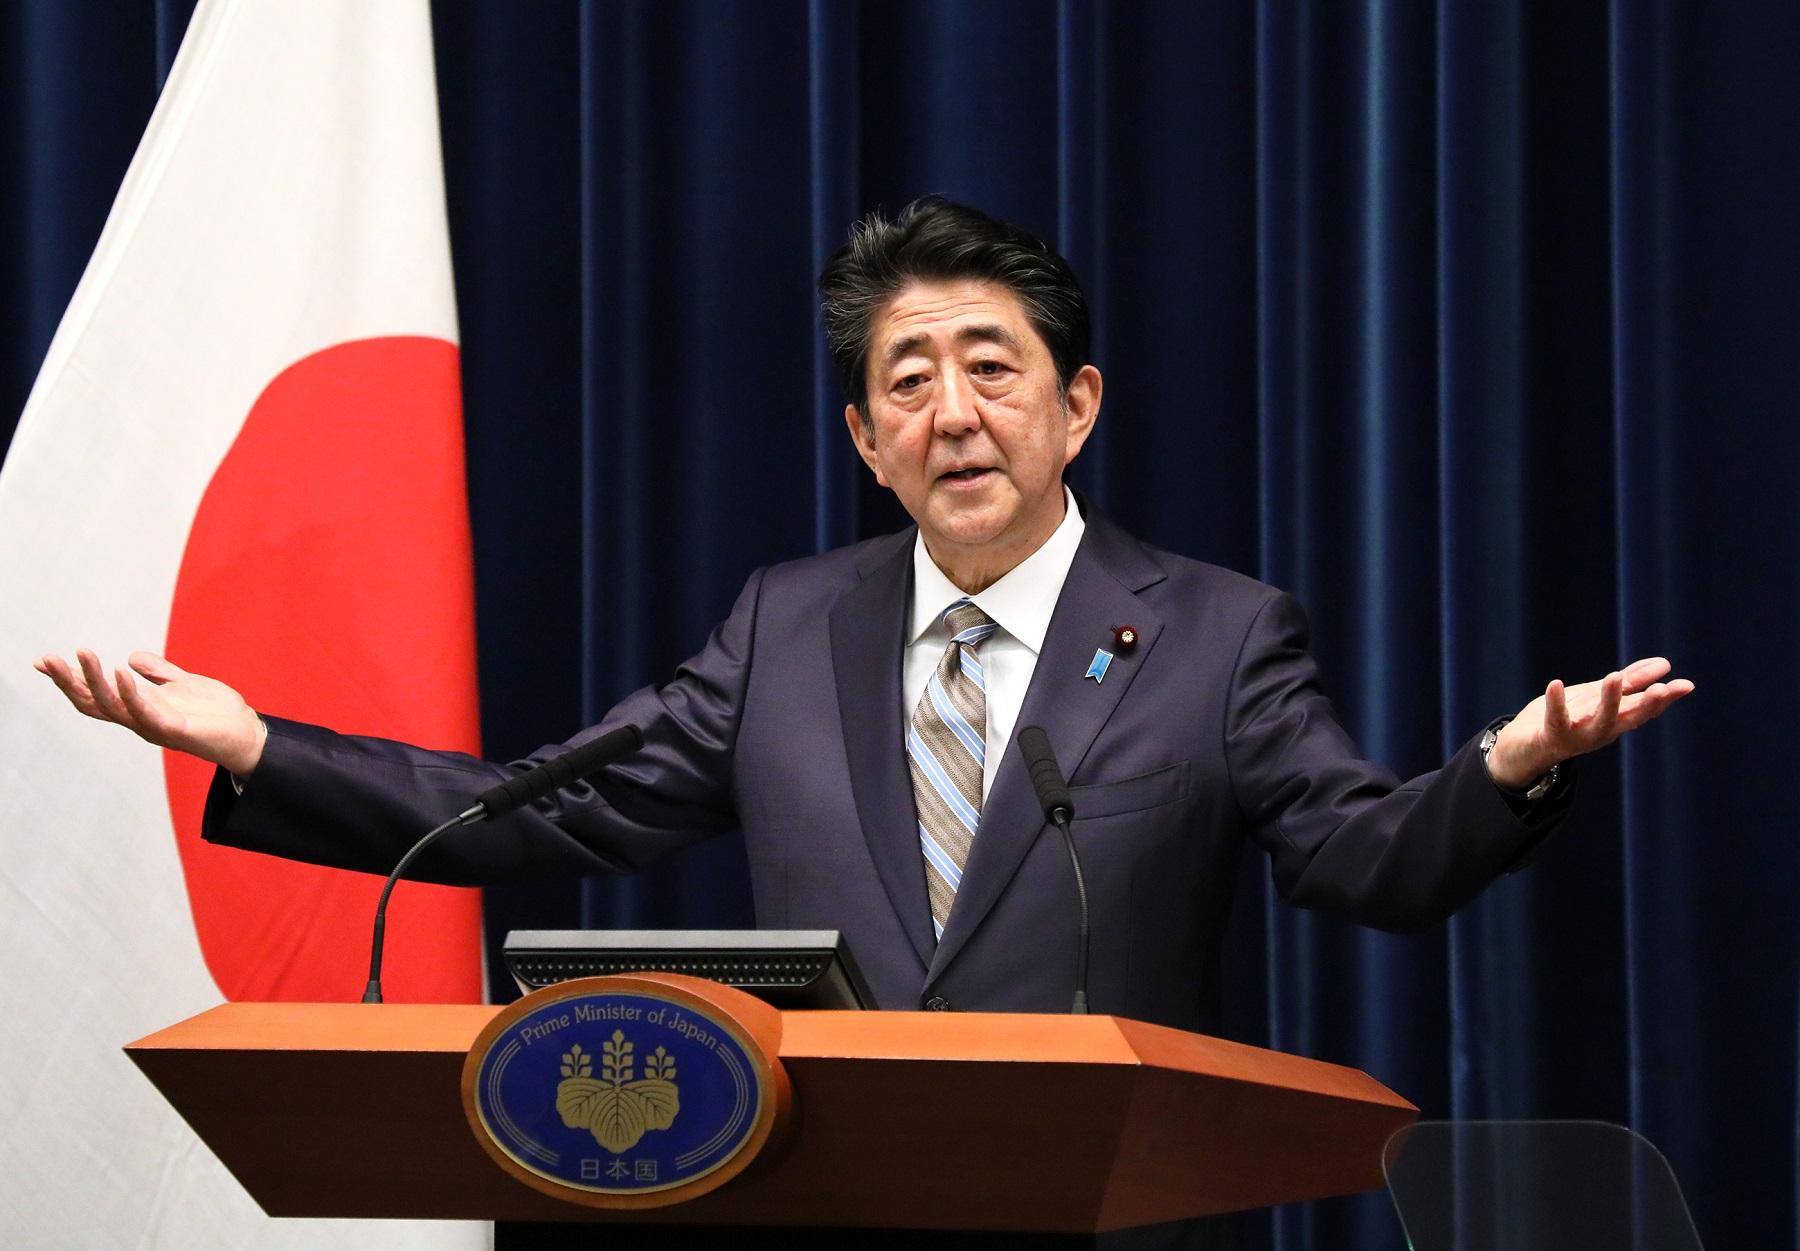 会見 の 安倍 首相 「桜を見る会」巡り安倍前首相が会見 橋下徹氏「記者の質問が甘い」